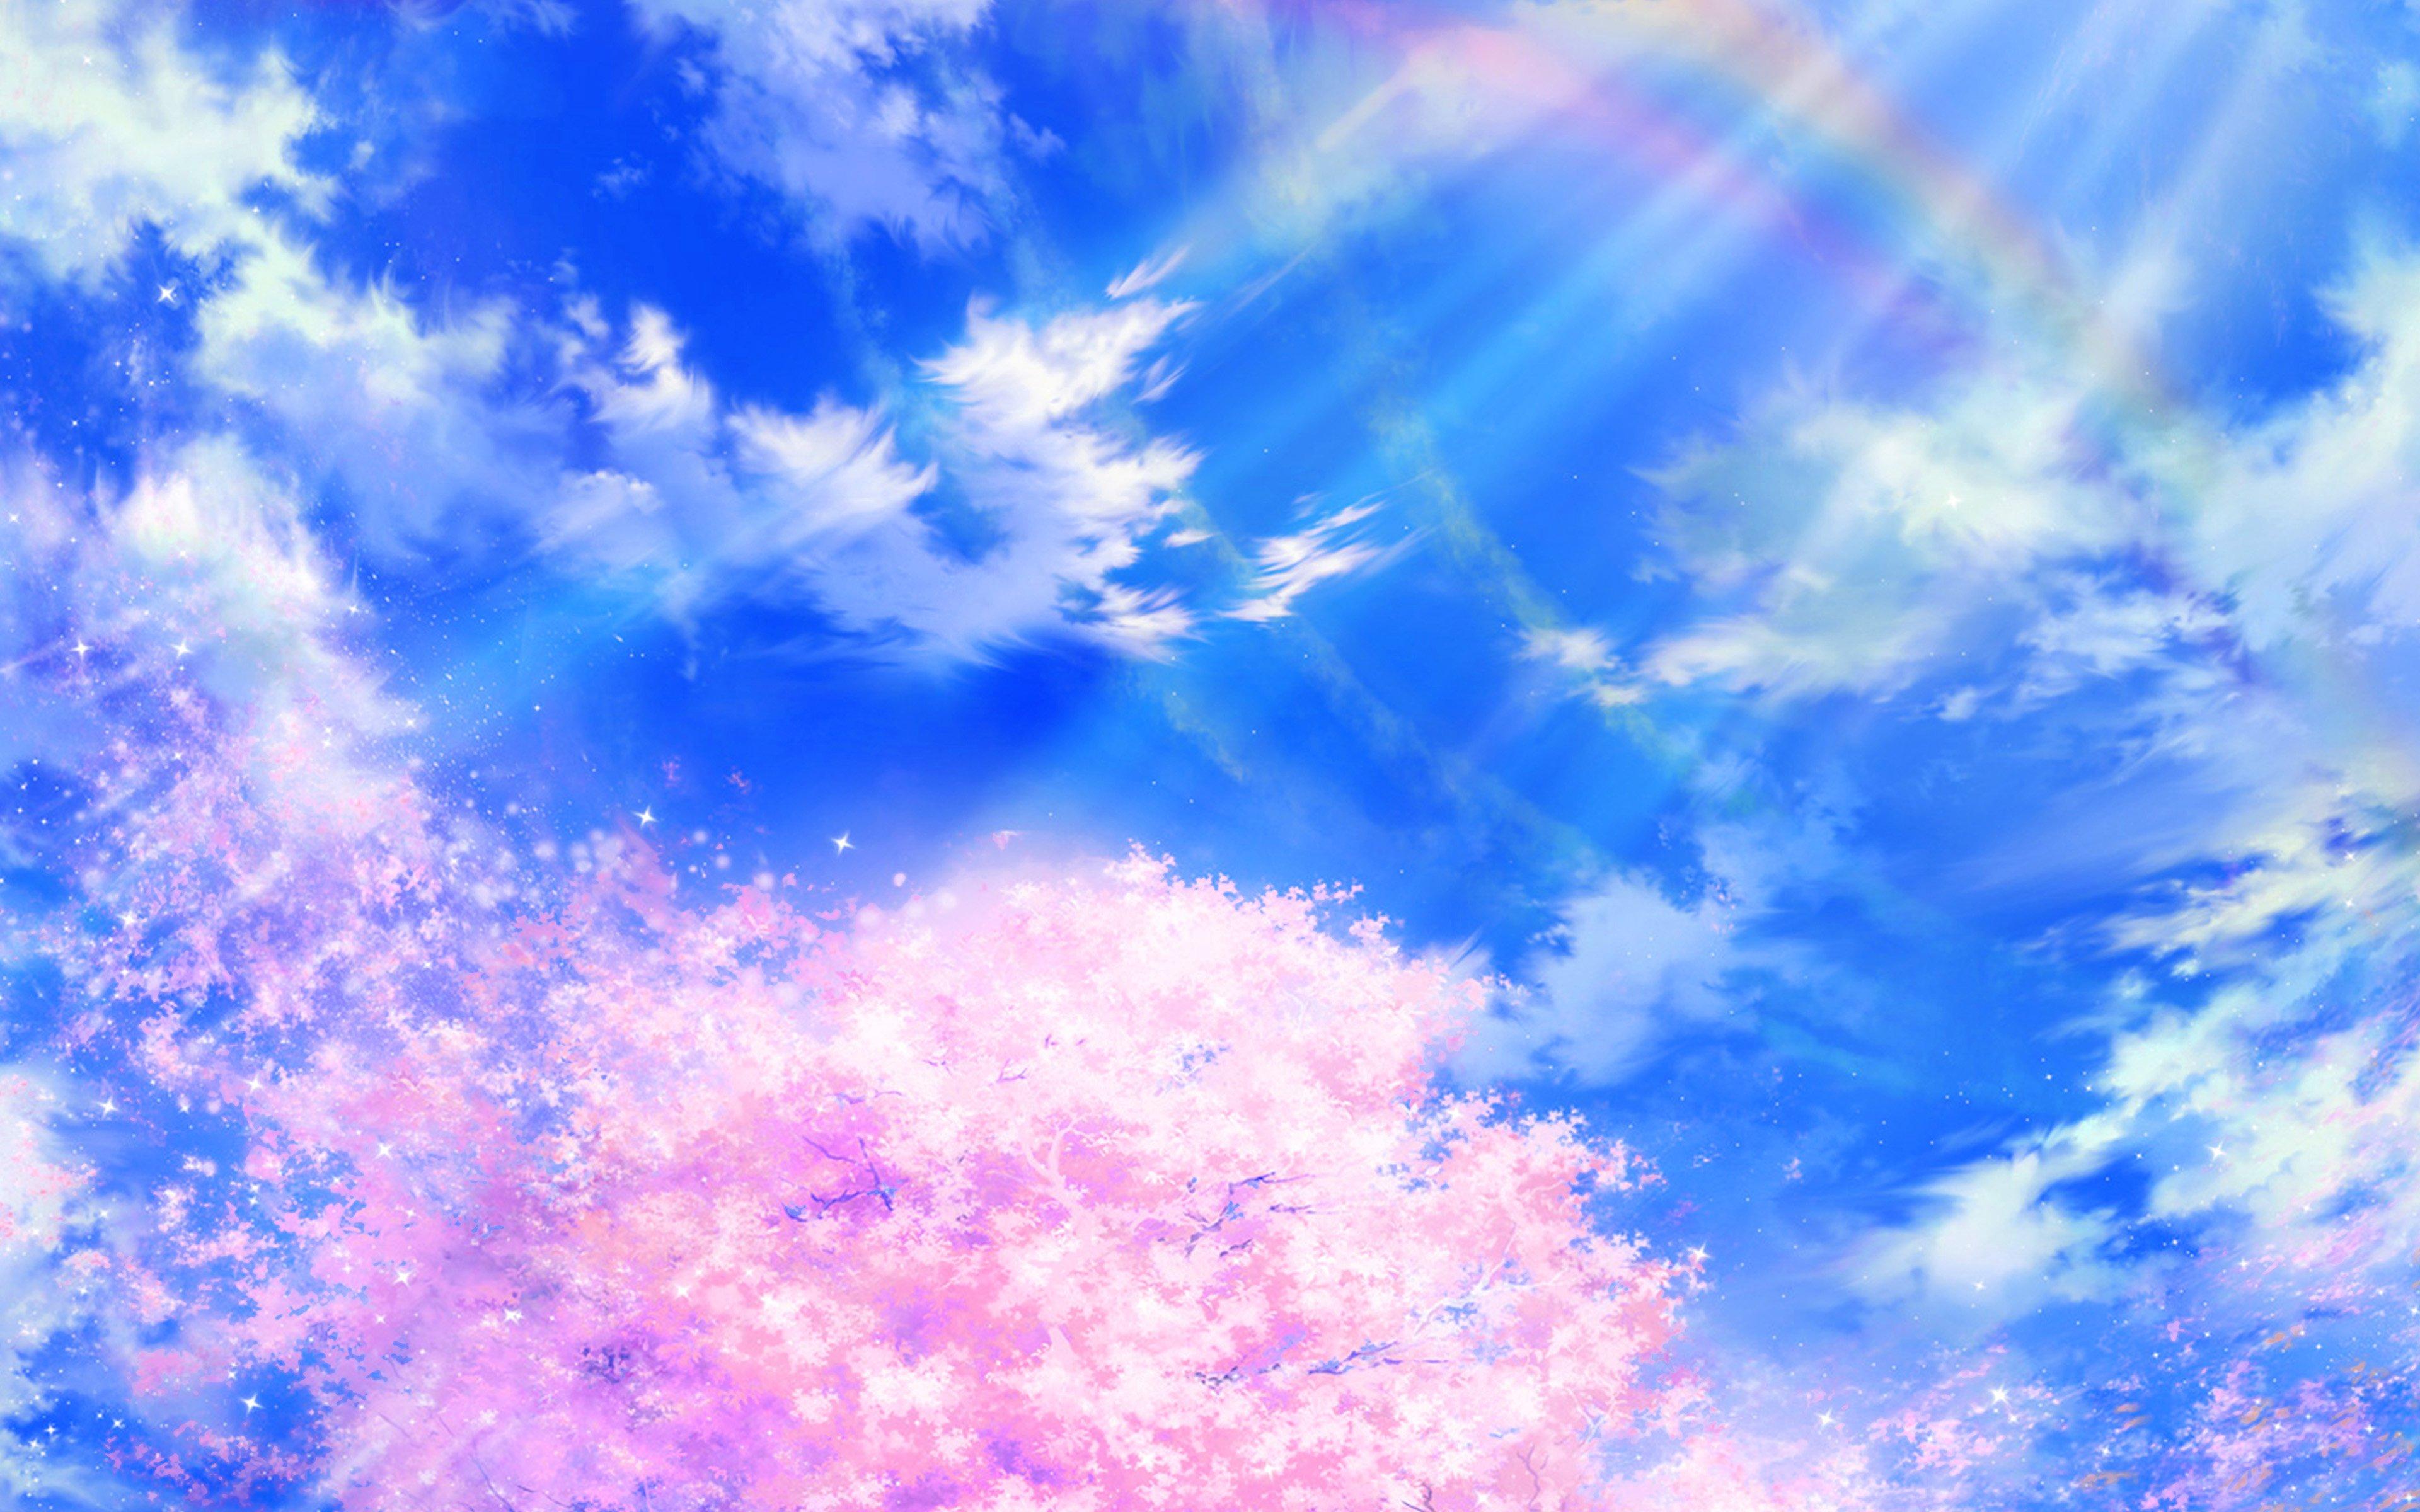 Fondos de pantalla Ilustración de primavera nubes cielo anime